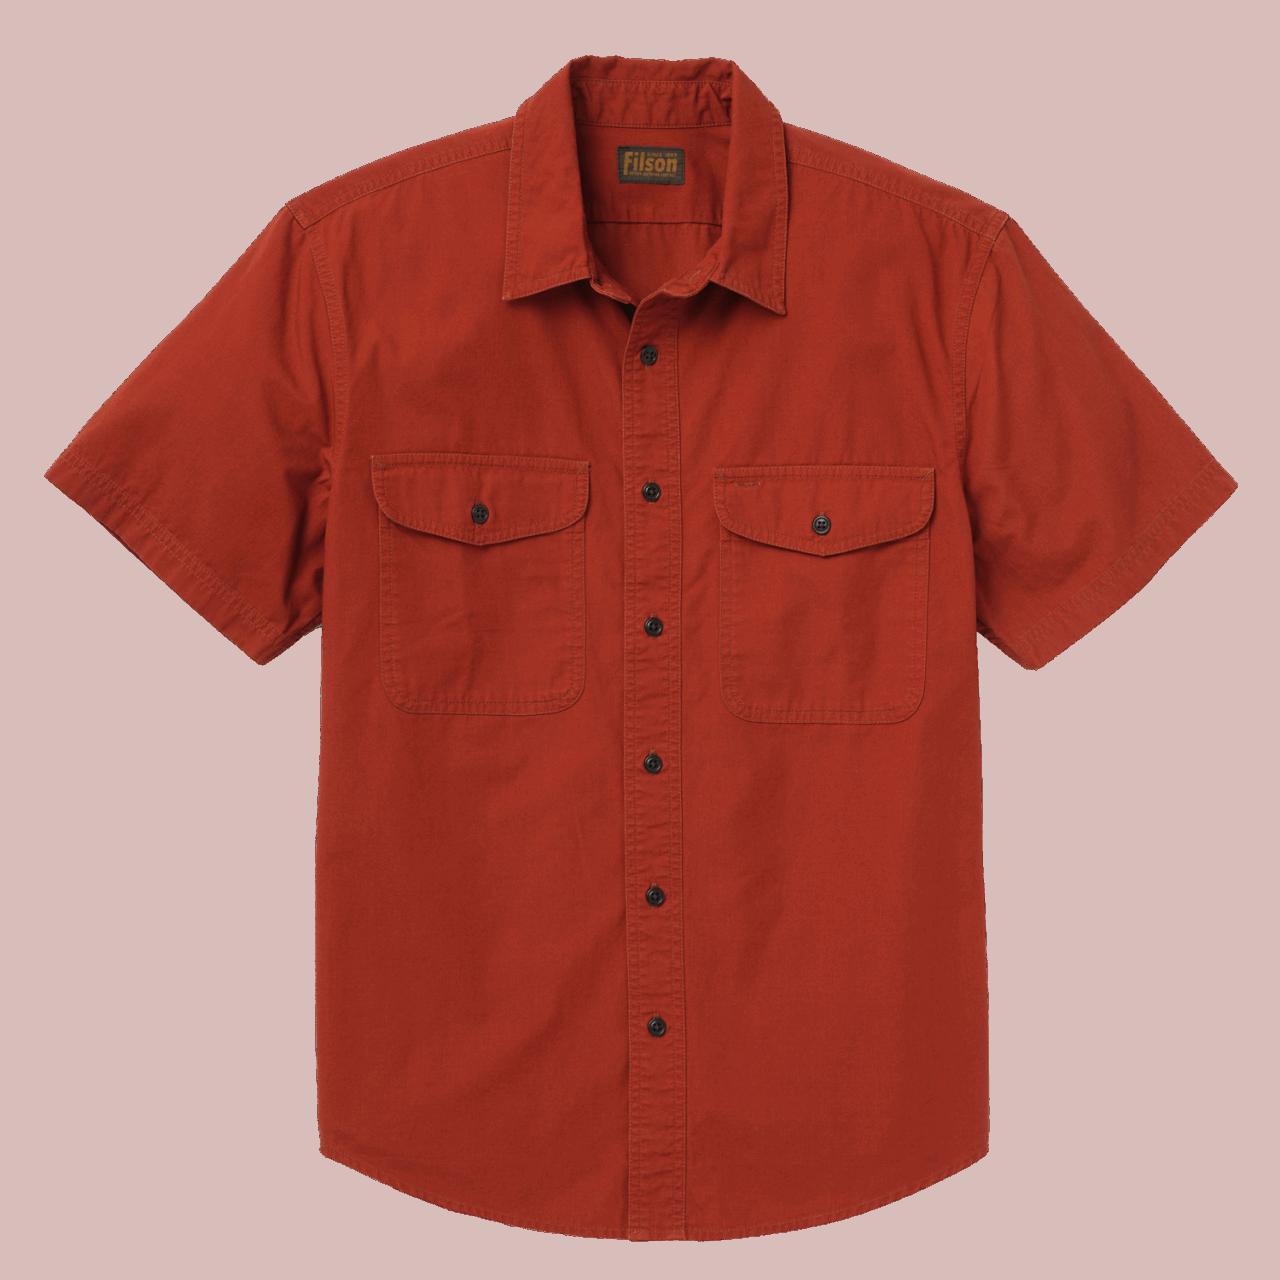 Filson Short Sleeve Field Shirt - red